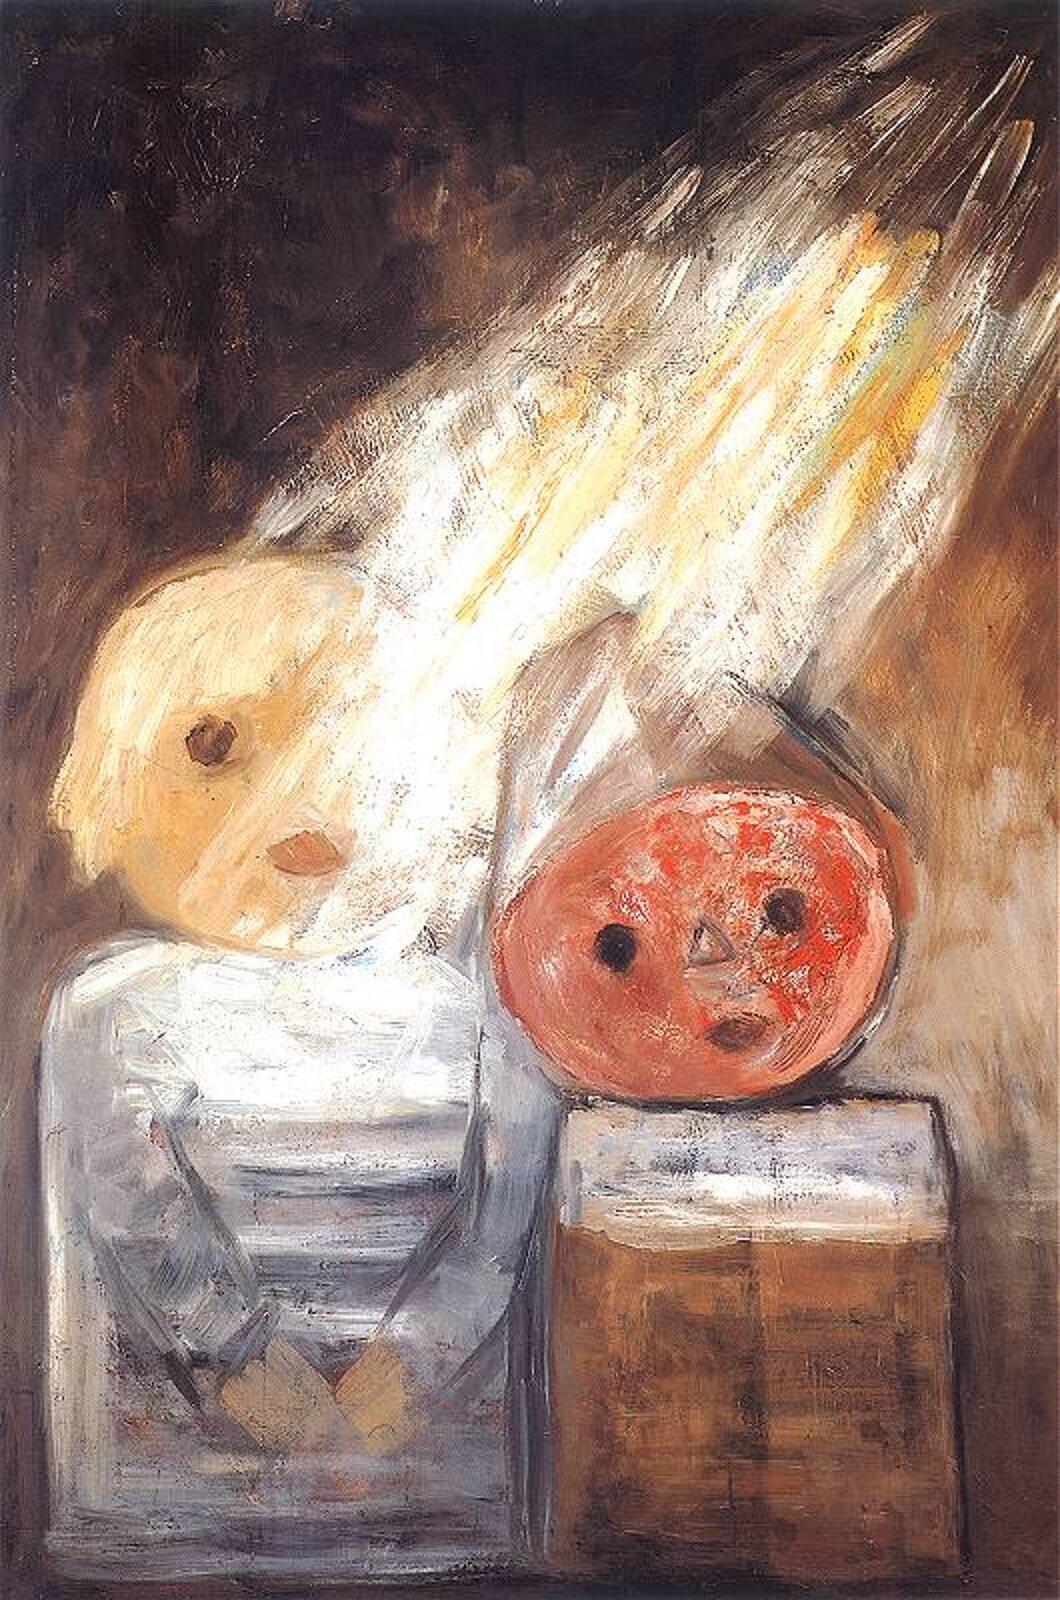 """Ilustracja przedstawia obraz pt. """"Promień słońca"""" autorstwa Tadeusza Makowskiego. Dzieło ukazuje dwóch chłopców, jeden ma żółtą, drugi pomarańczową twarz iszpiczasty kapelusz. Nad chłopcami unoszą się promienie słońca."""